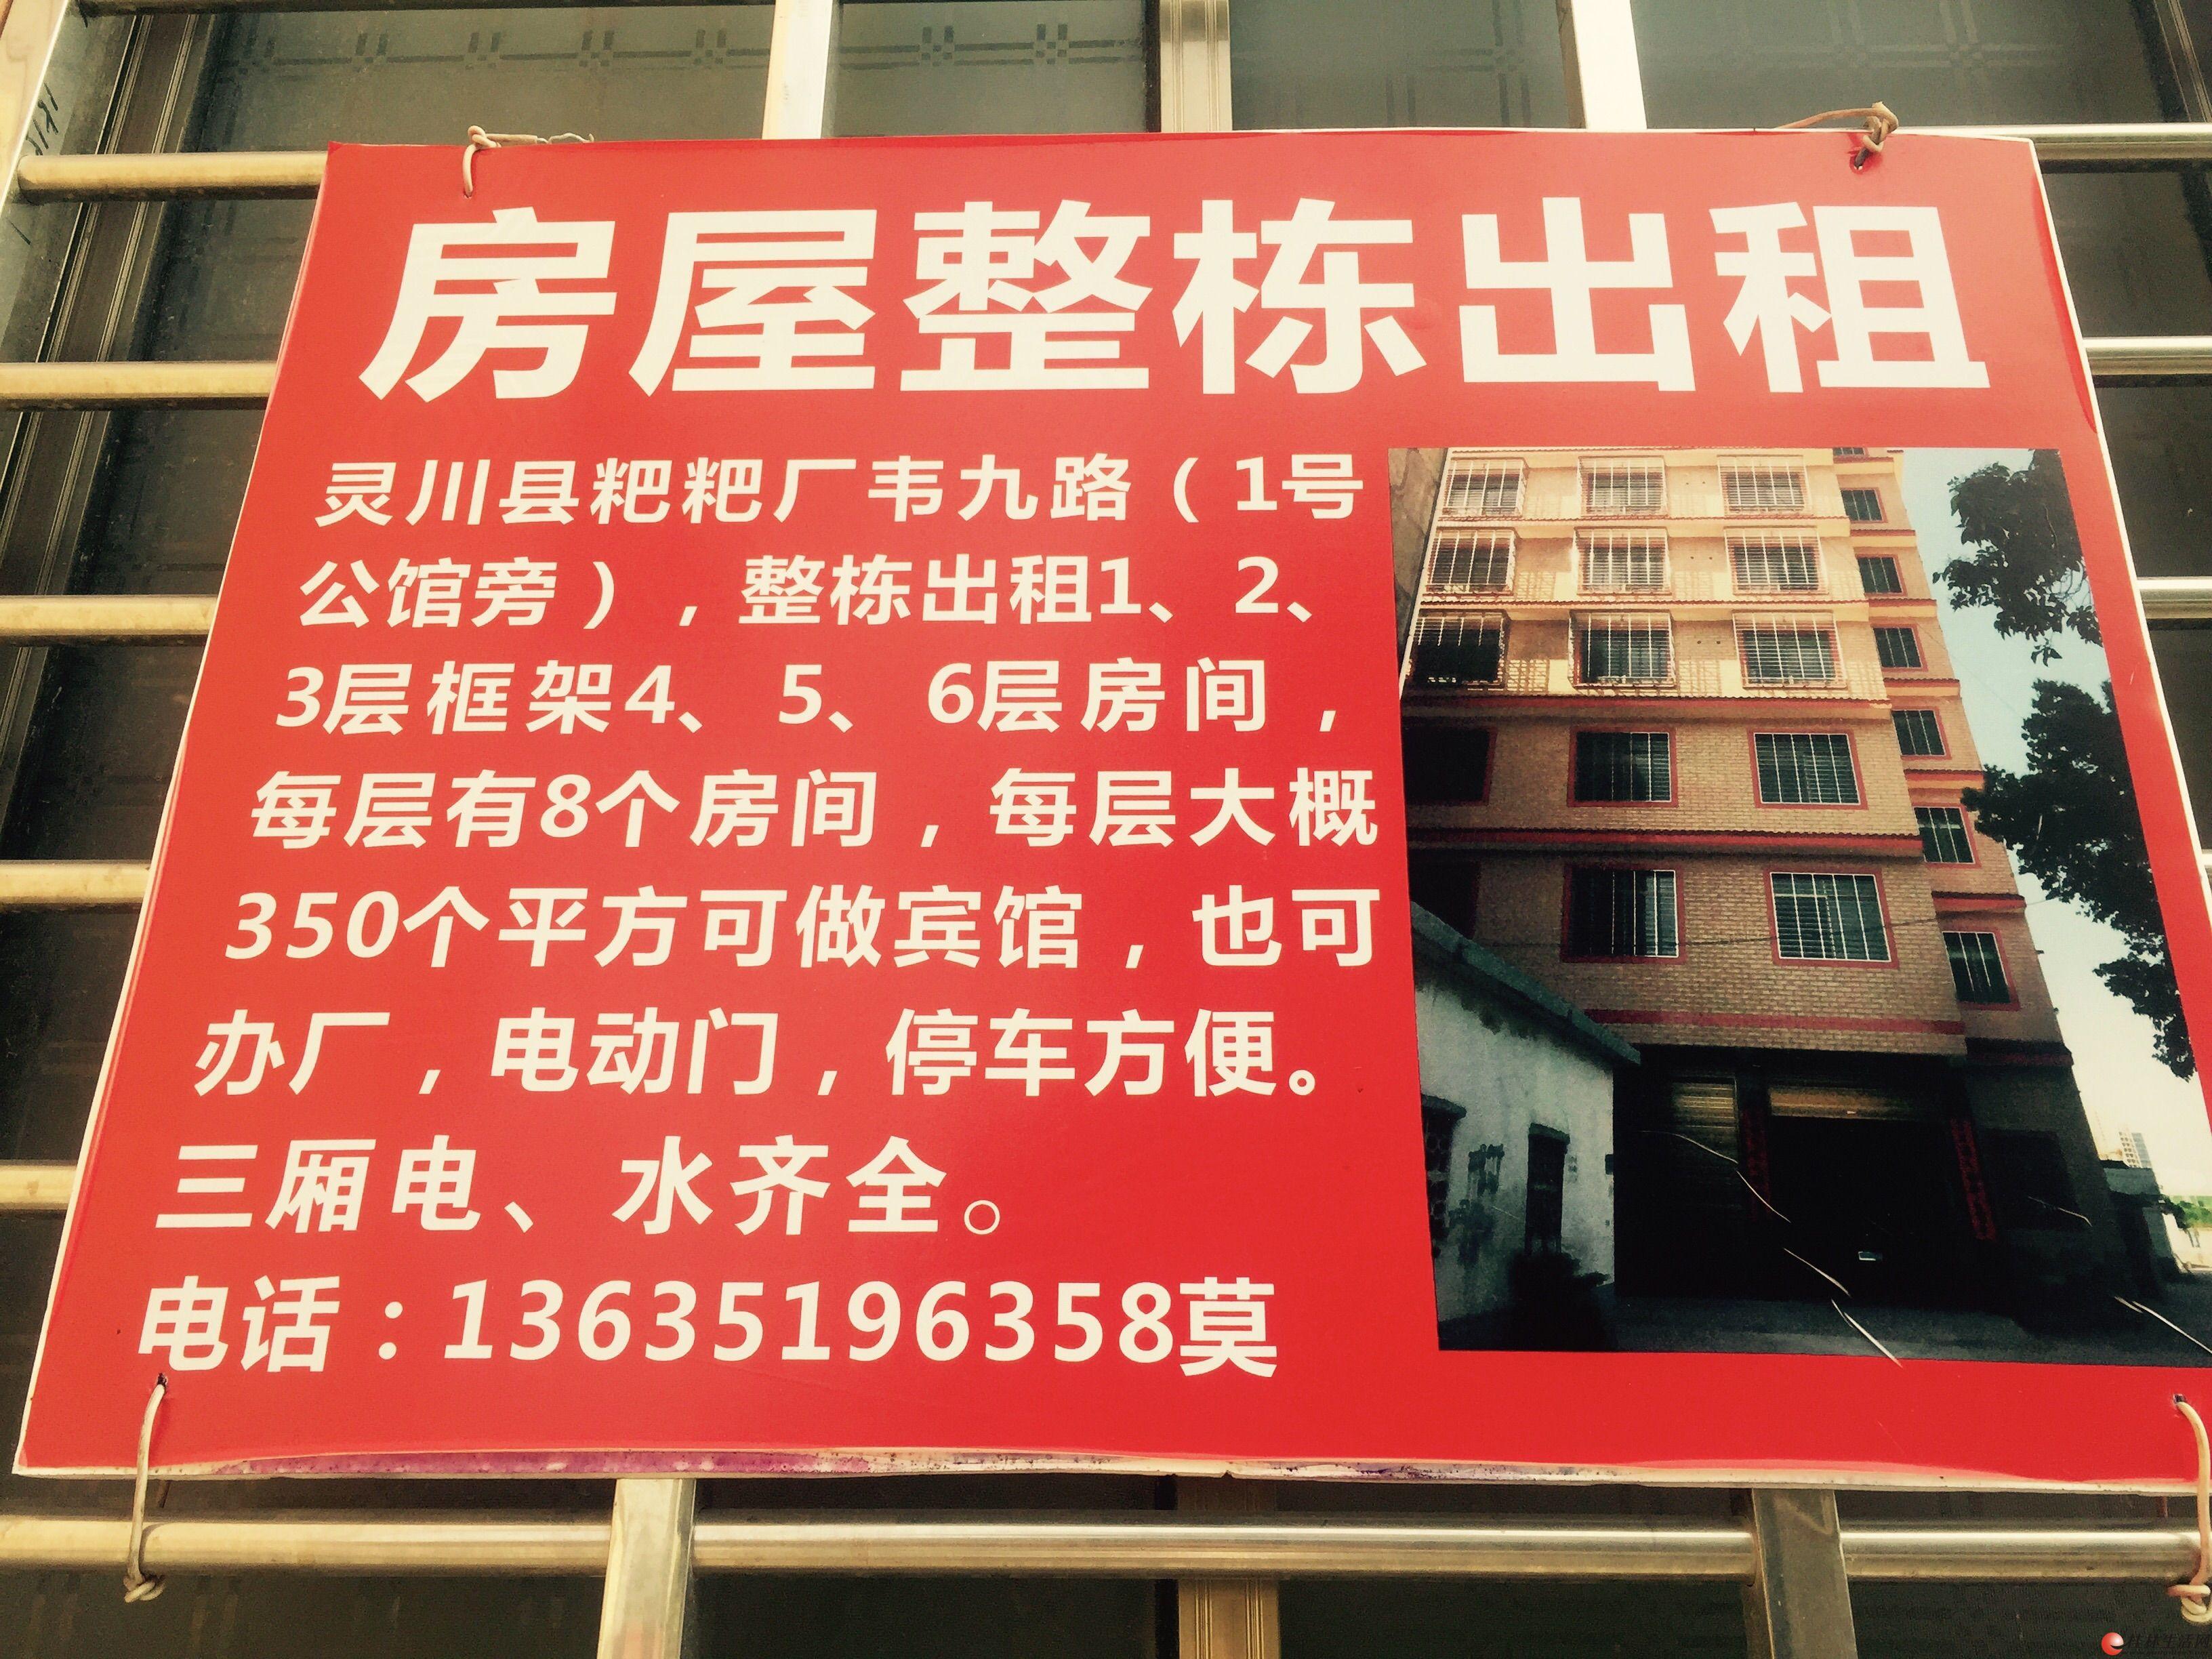 自建房出租带点电梯、电动门、货梯、可开宾馆、办厂、办公等